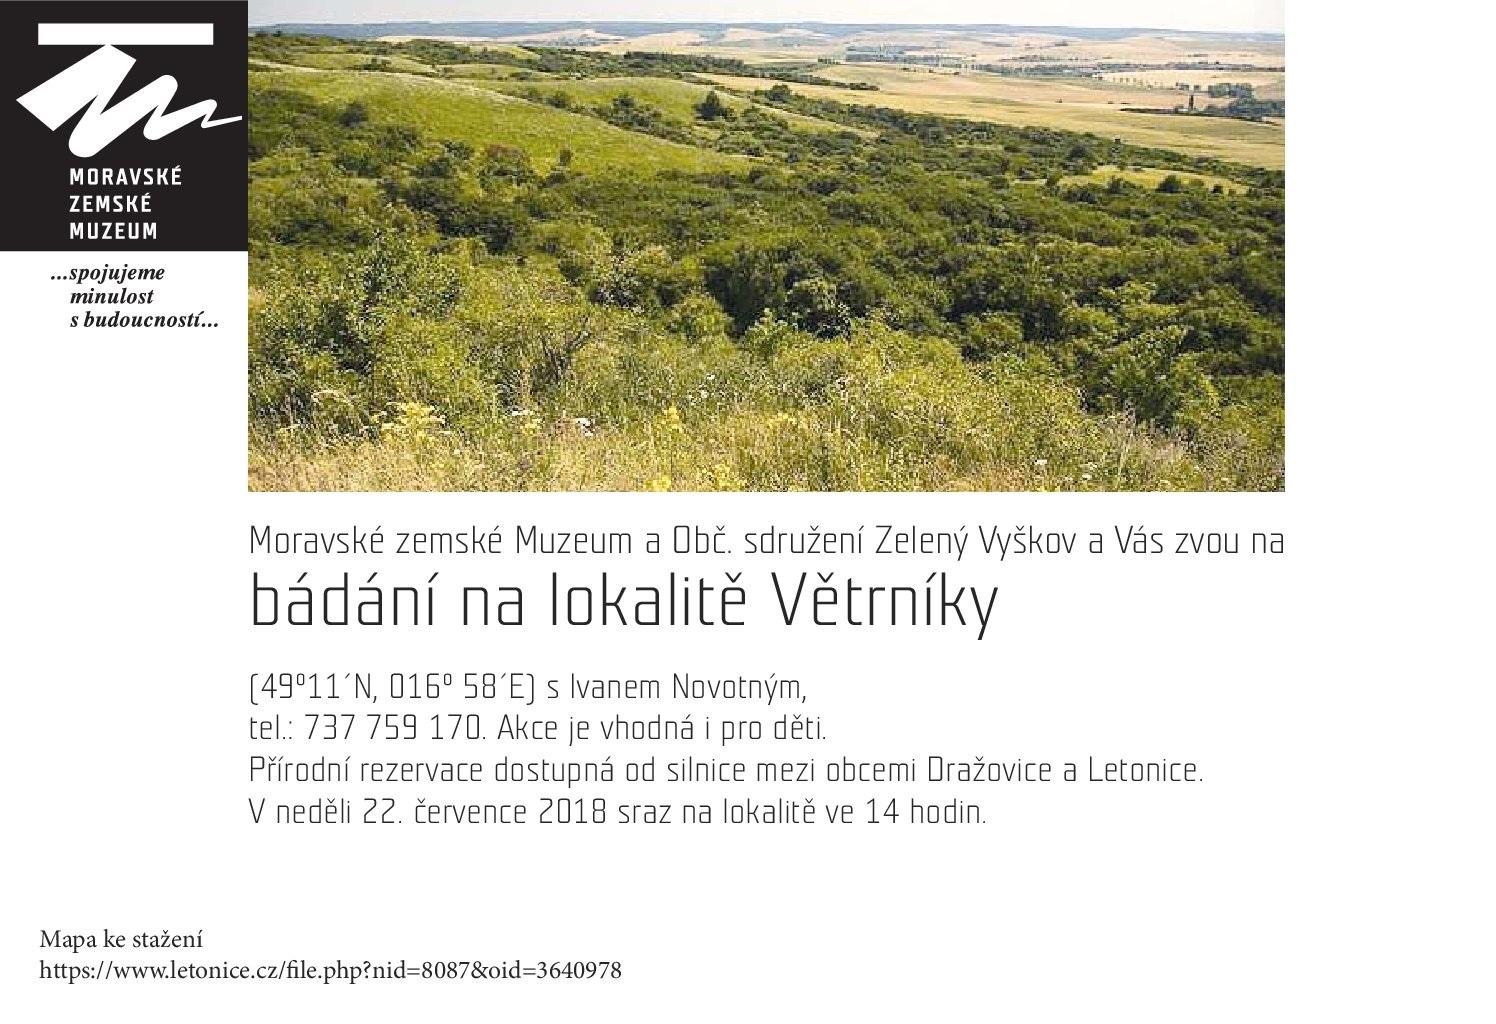 http://www.bucovice.cz/assets/File.ashx?id_org=1516&id_dokumenty=29746